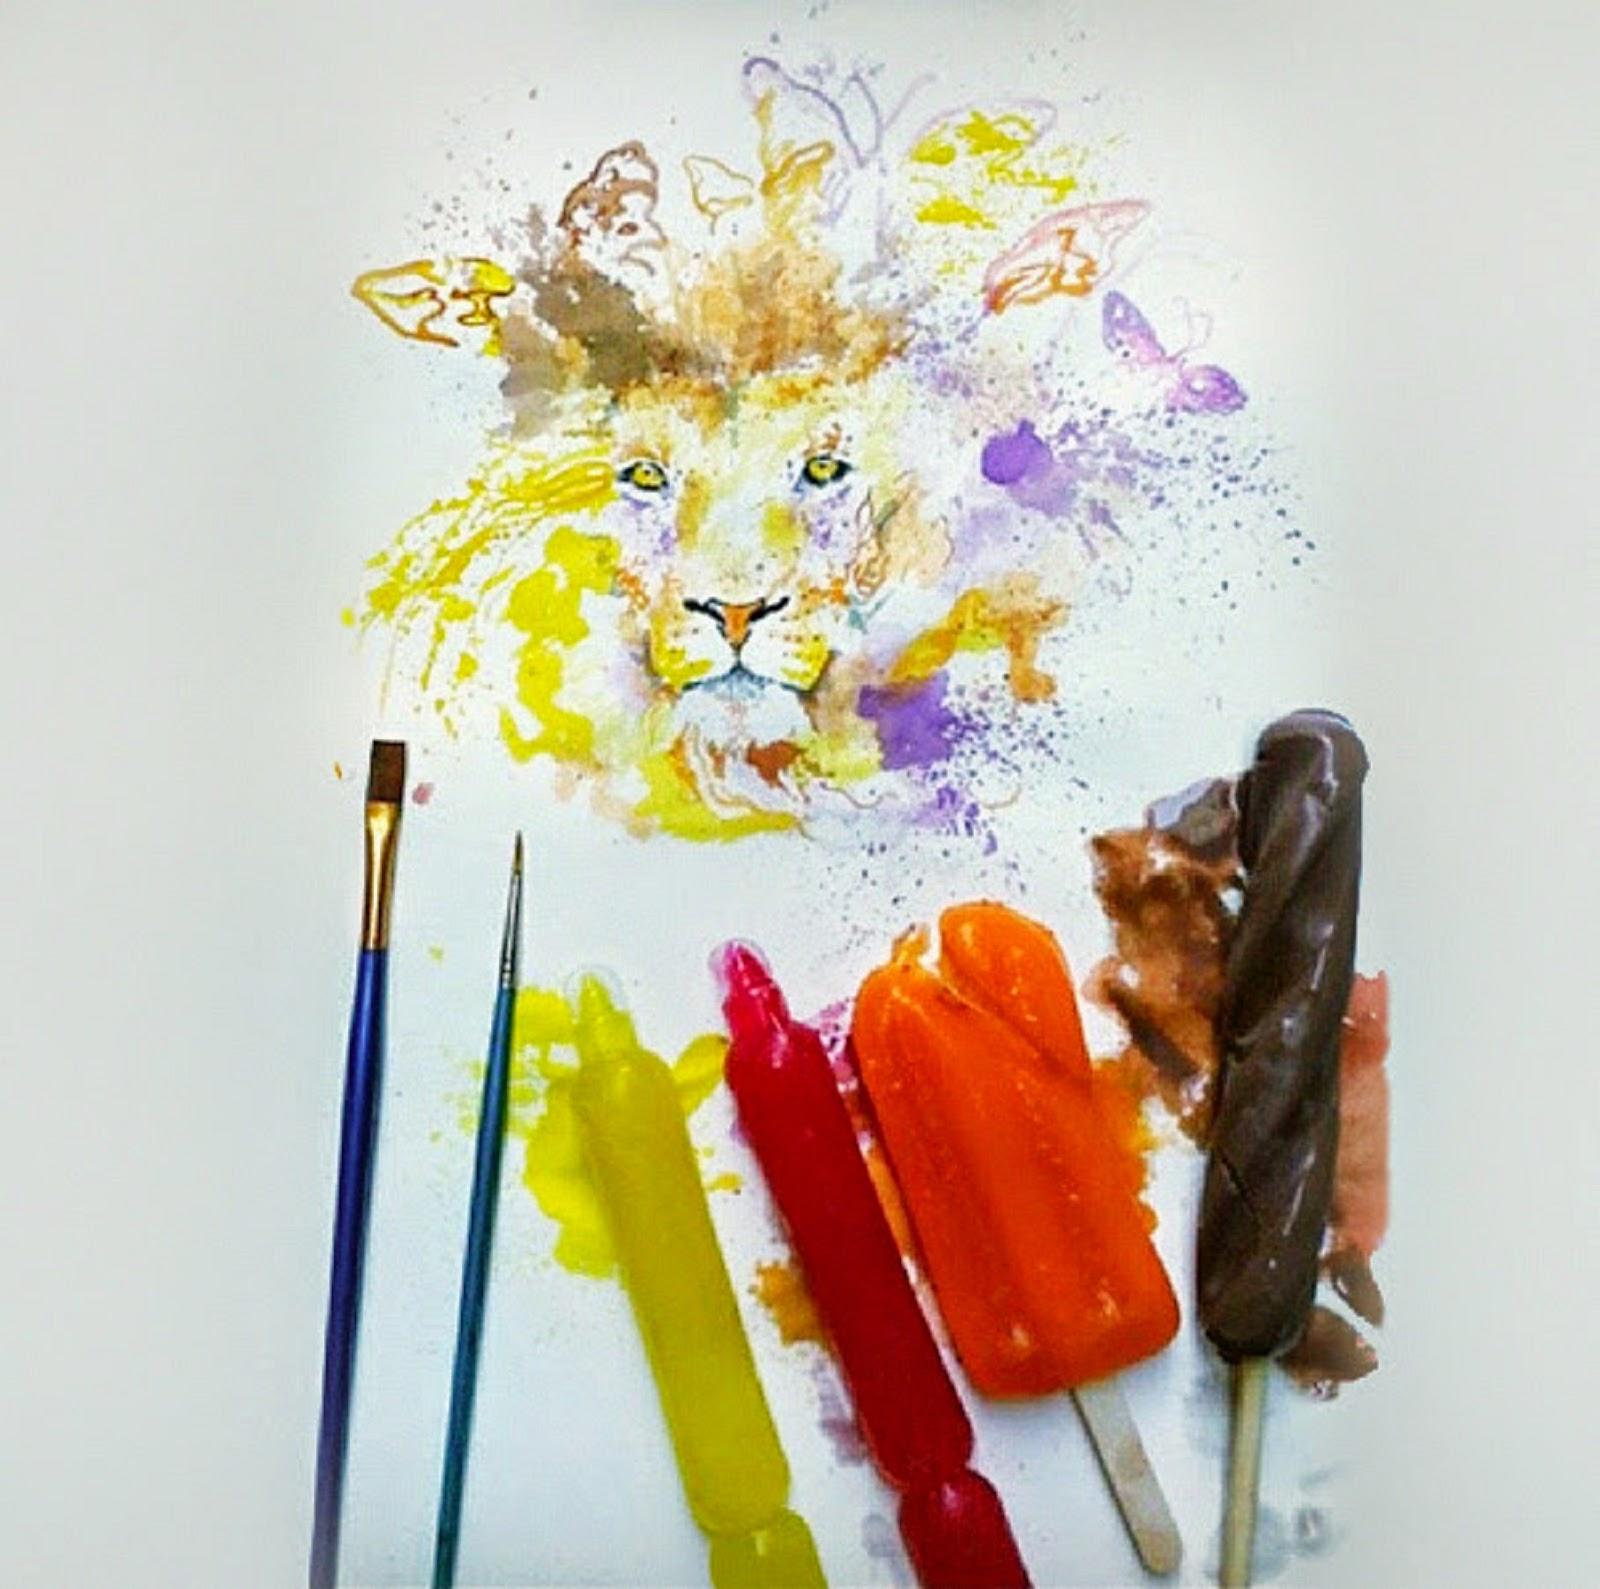 Seniman yang melukis menggunakan es krim